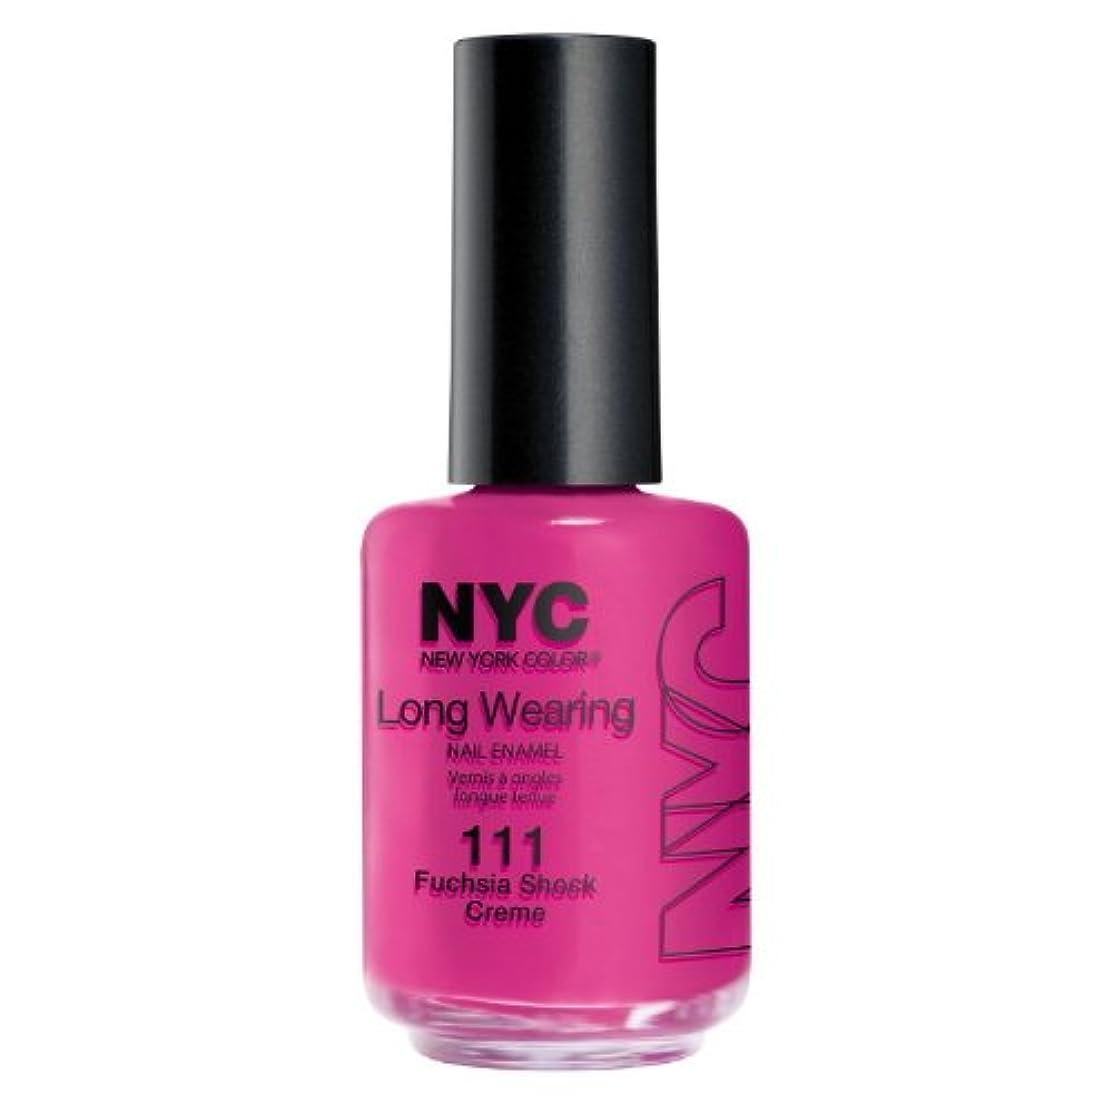 寄生虫インフラブランク(6 Pack) NYC Long Wearing Nail Enamel - Fuchisia Shock Creme (並行輸入品)